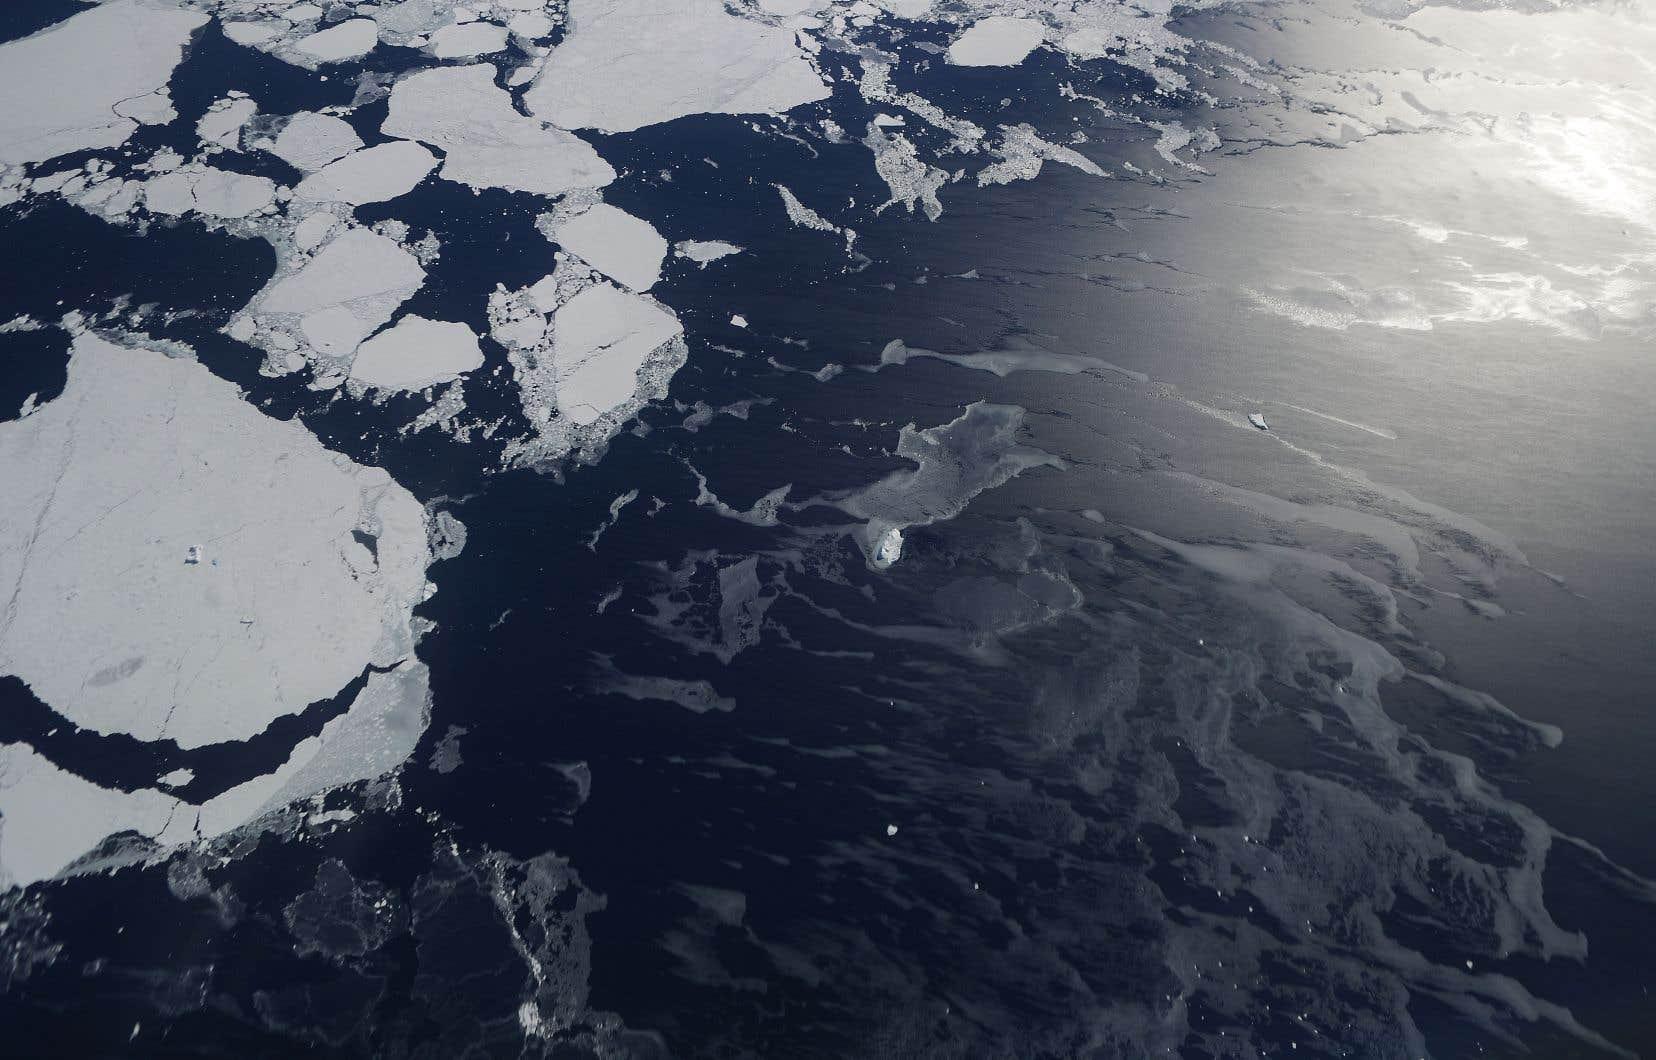 L'amoindrissement des glaces de l'Antarctique est responsable d'une montée de 1,4 cm du niveau des océans de la planète entre 1979 et 2017.